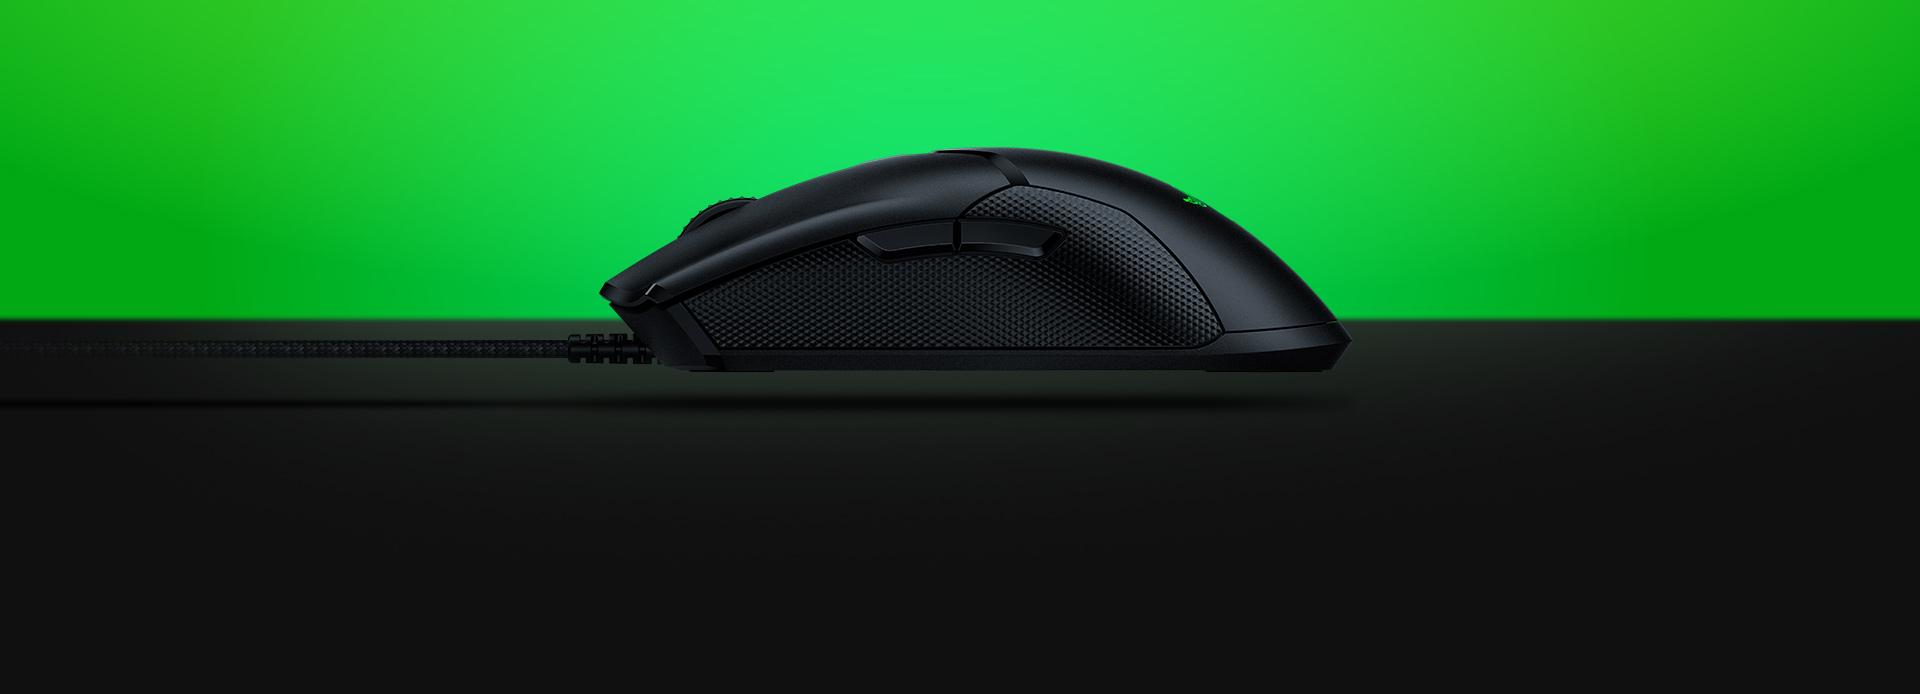 Chuột chơi game Razer Viper Gaming có trọng lượng cực kỳ nhẹ